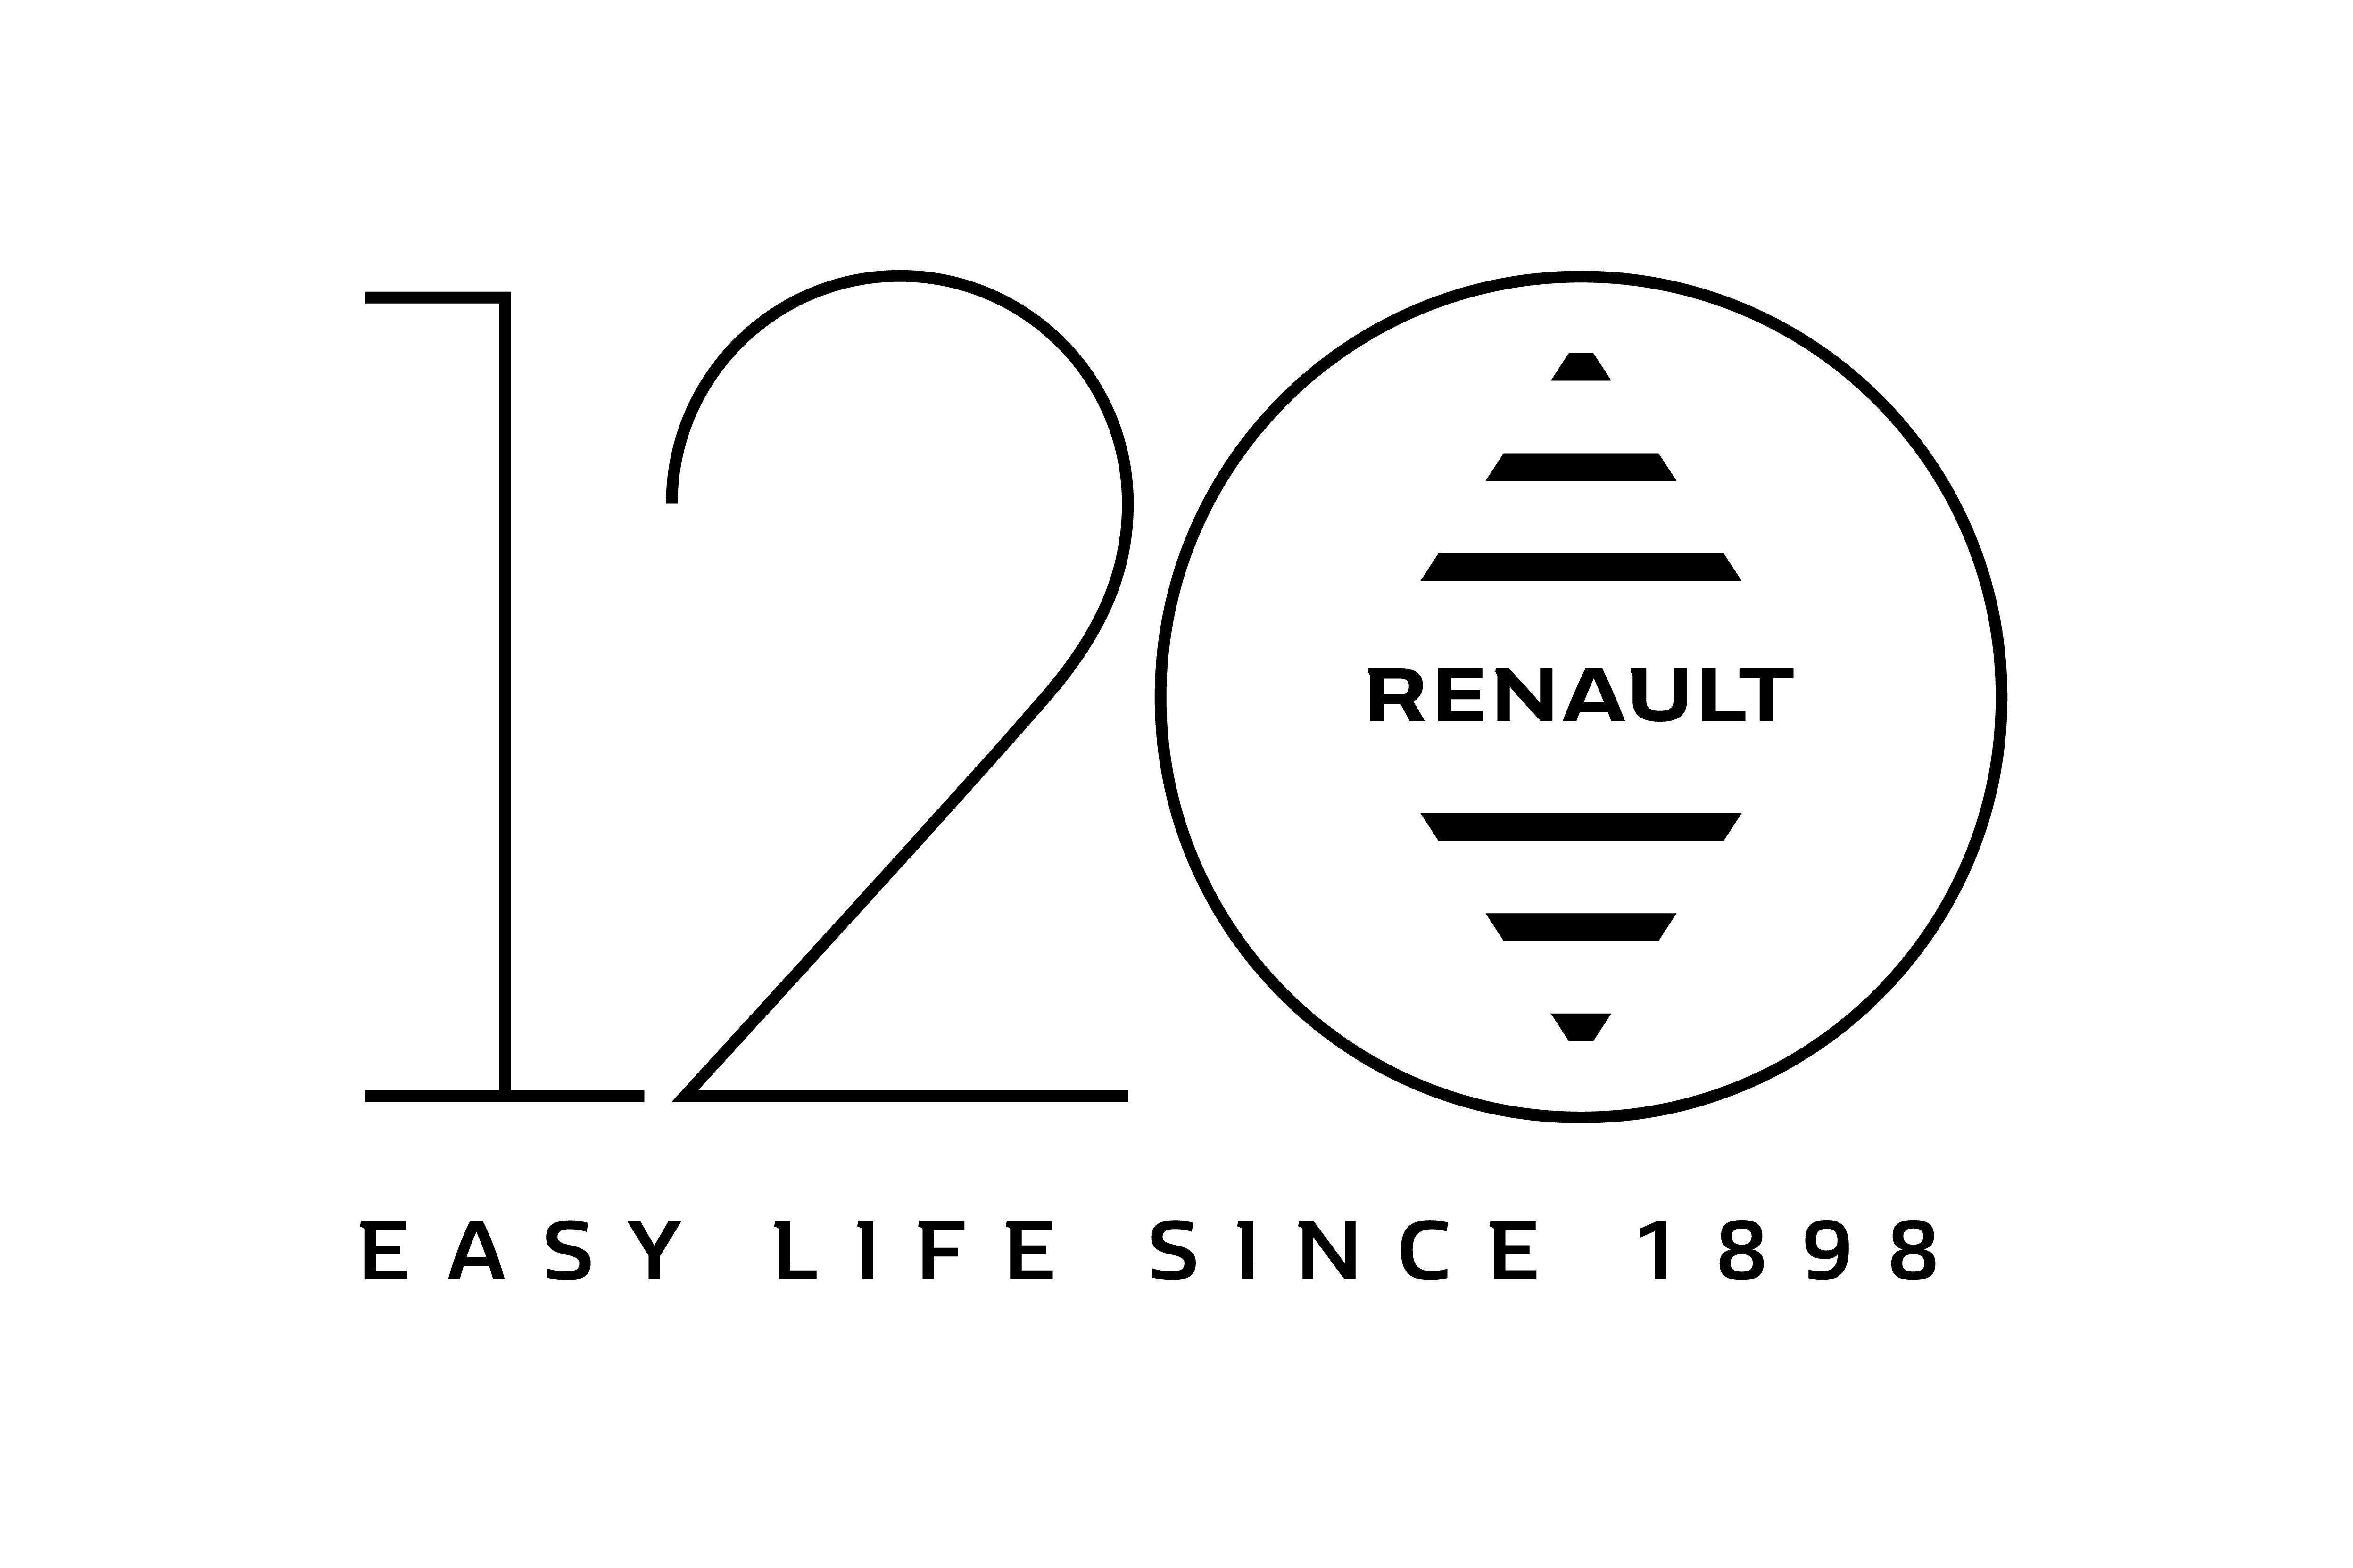 RENAULT ВІДЗНАЧАЄ 120 РОКІВ